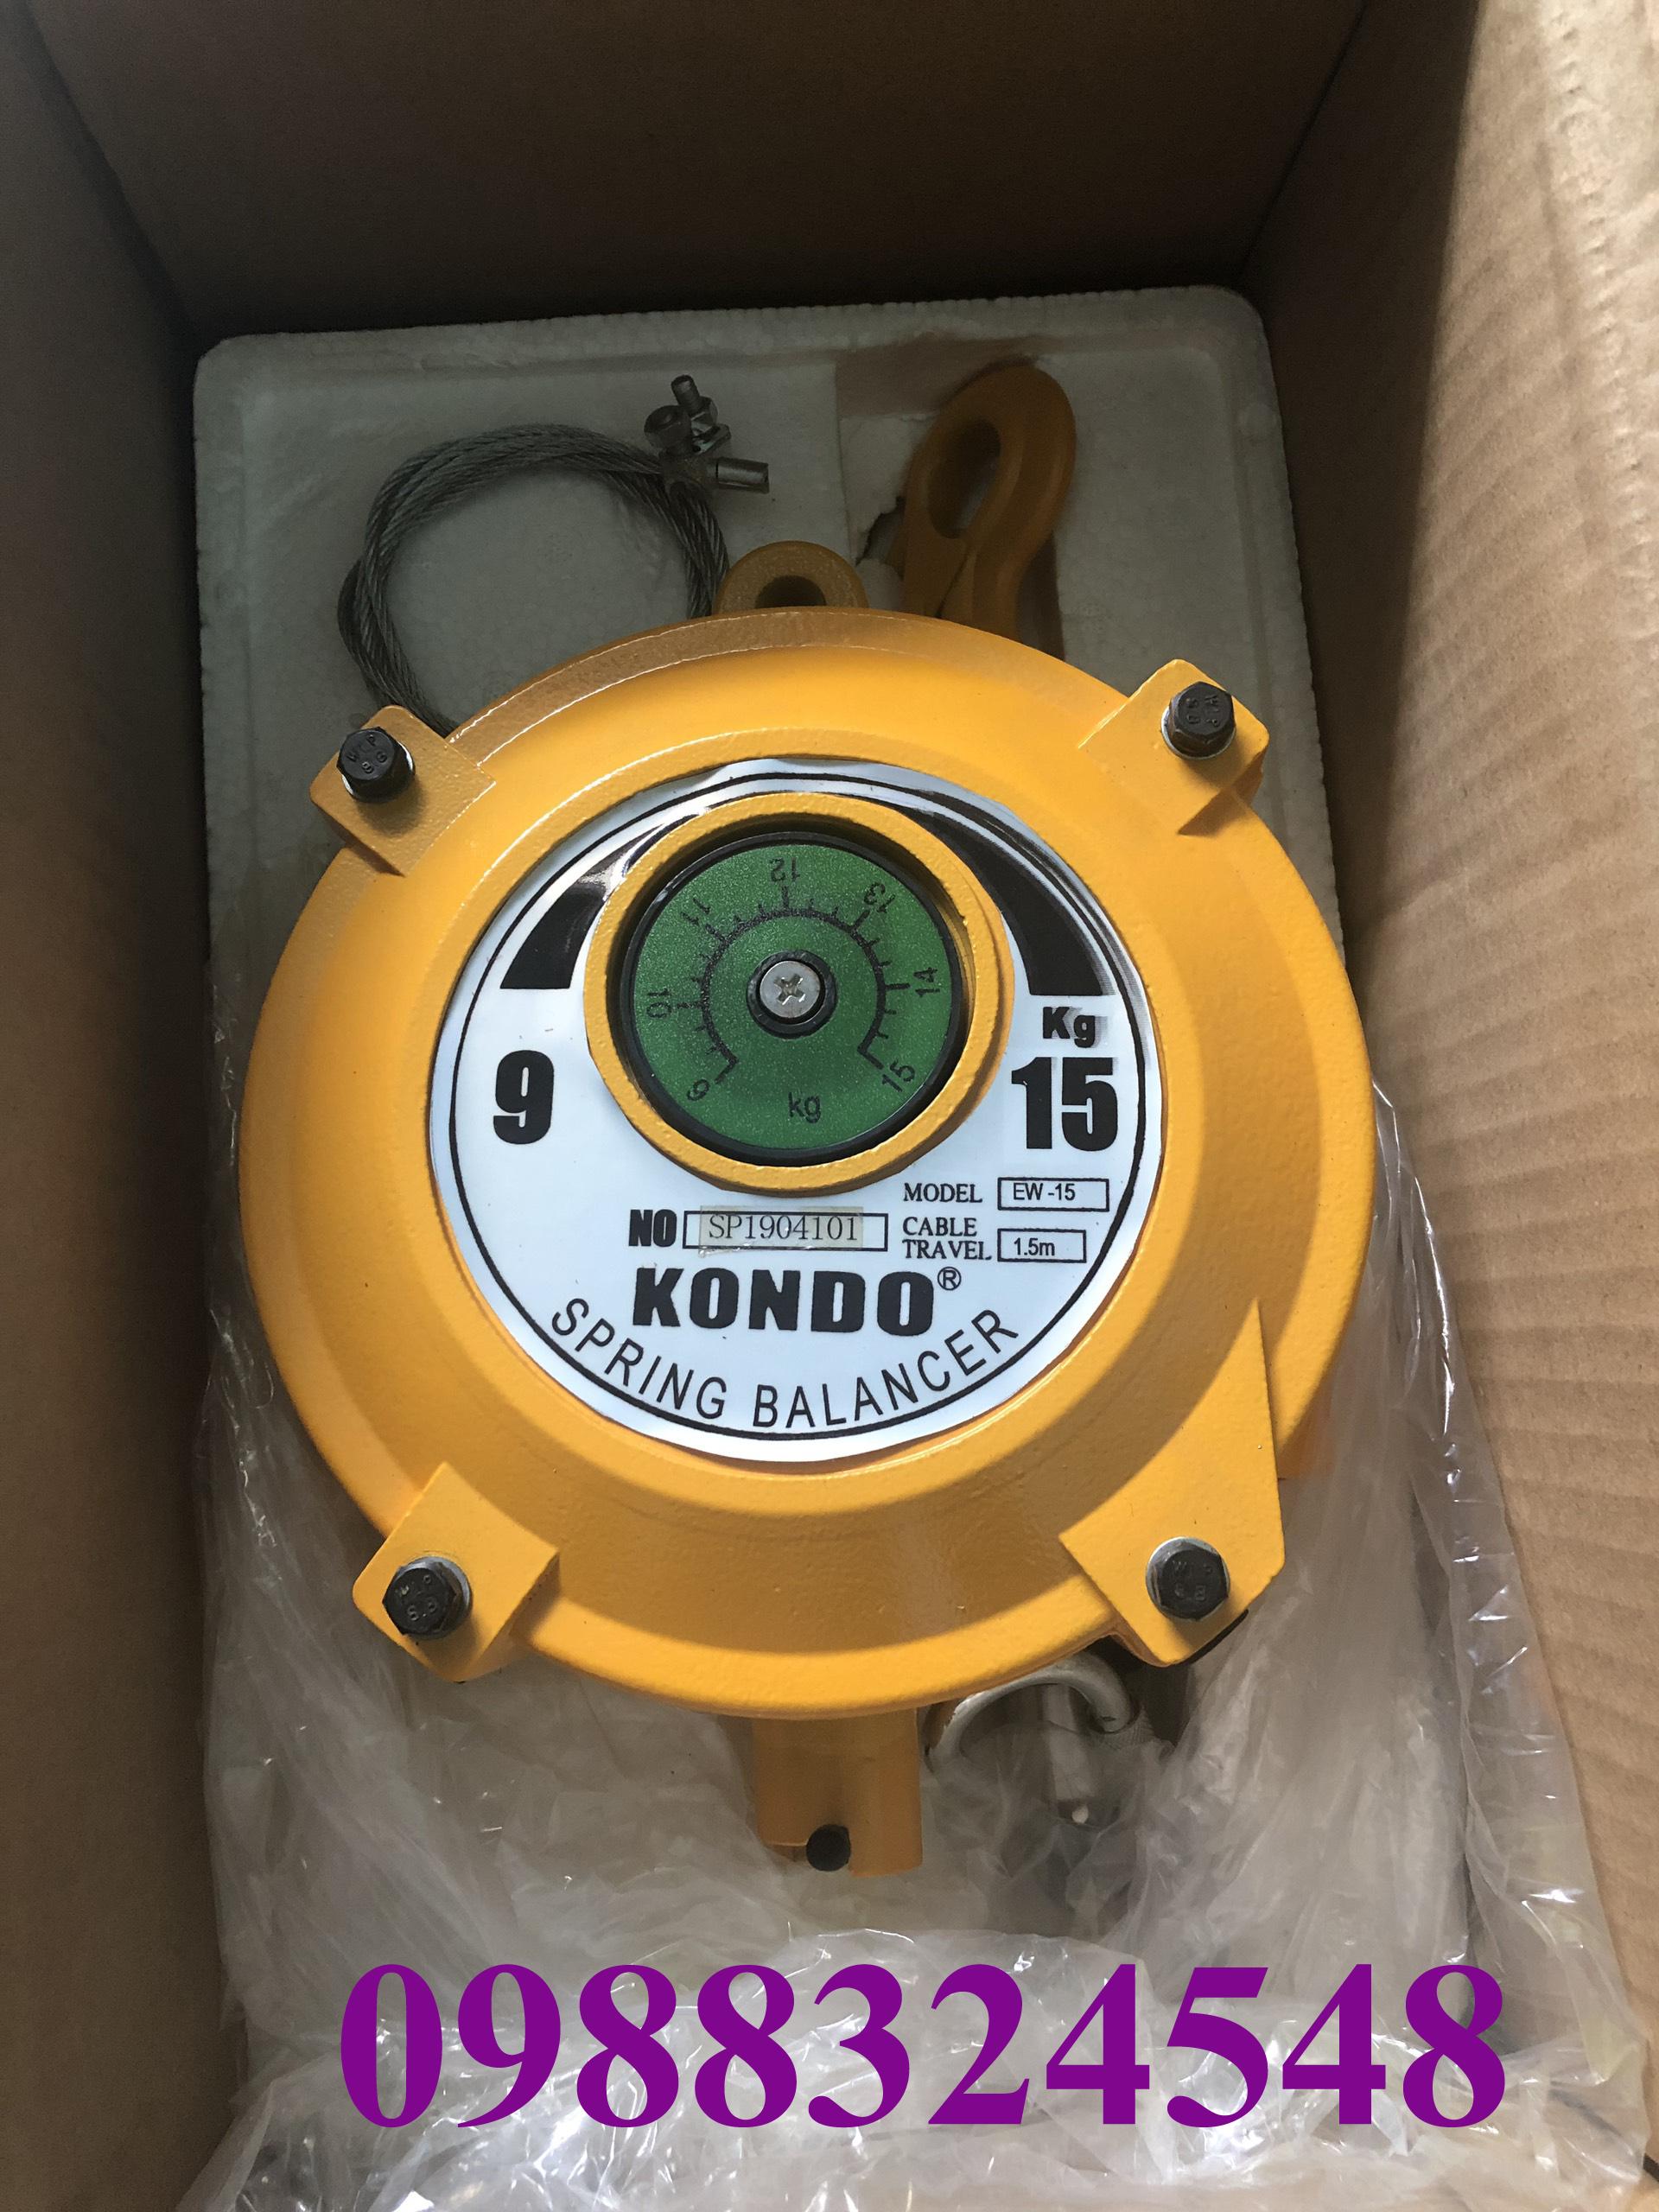 Pa lăng cân bằng Kondo EW-15, tải trọng: 9-15kg